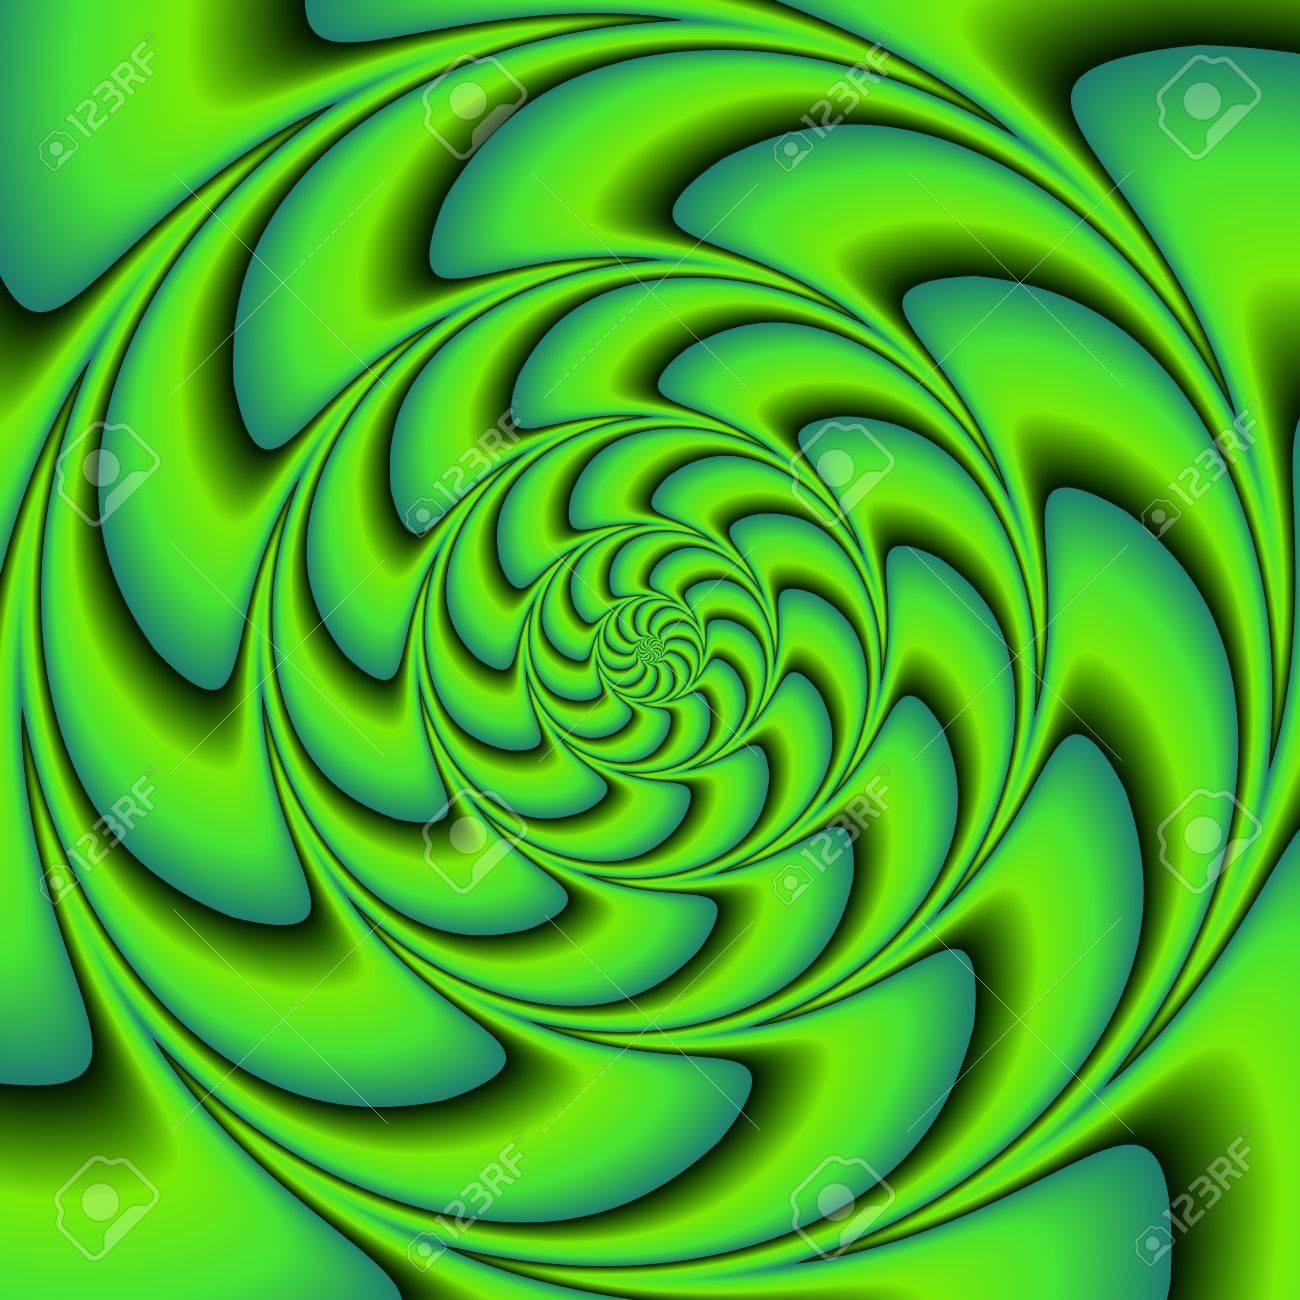 Standard Design El   Gruntonen Komponiert Mit Spiralbewegung Illusionseffekt Verwendbar